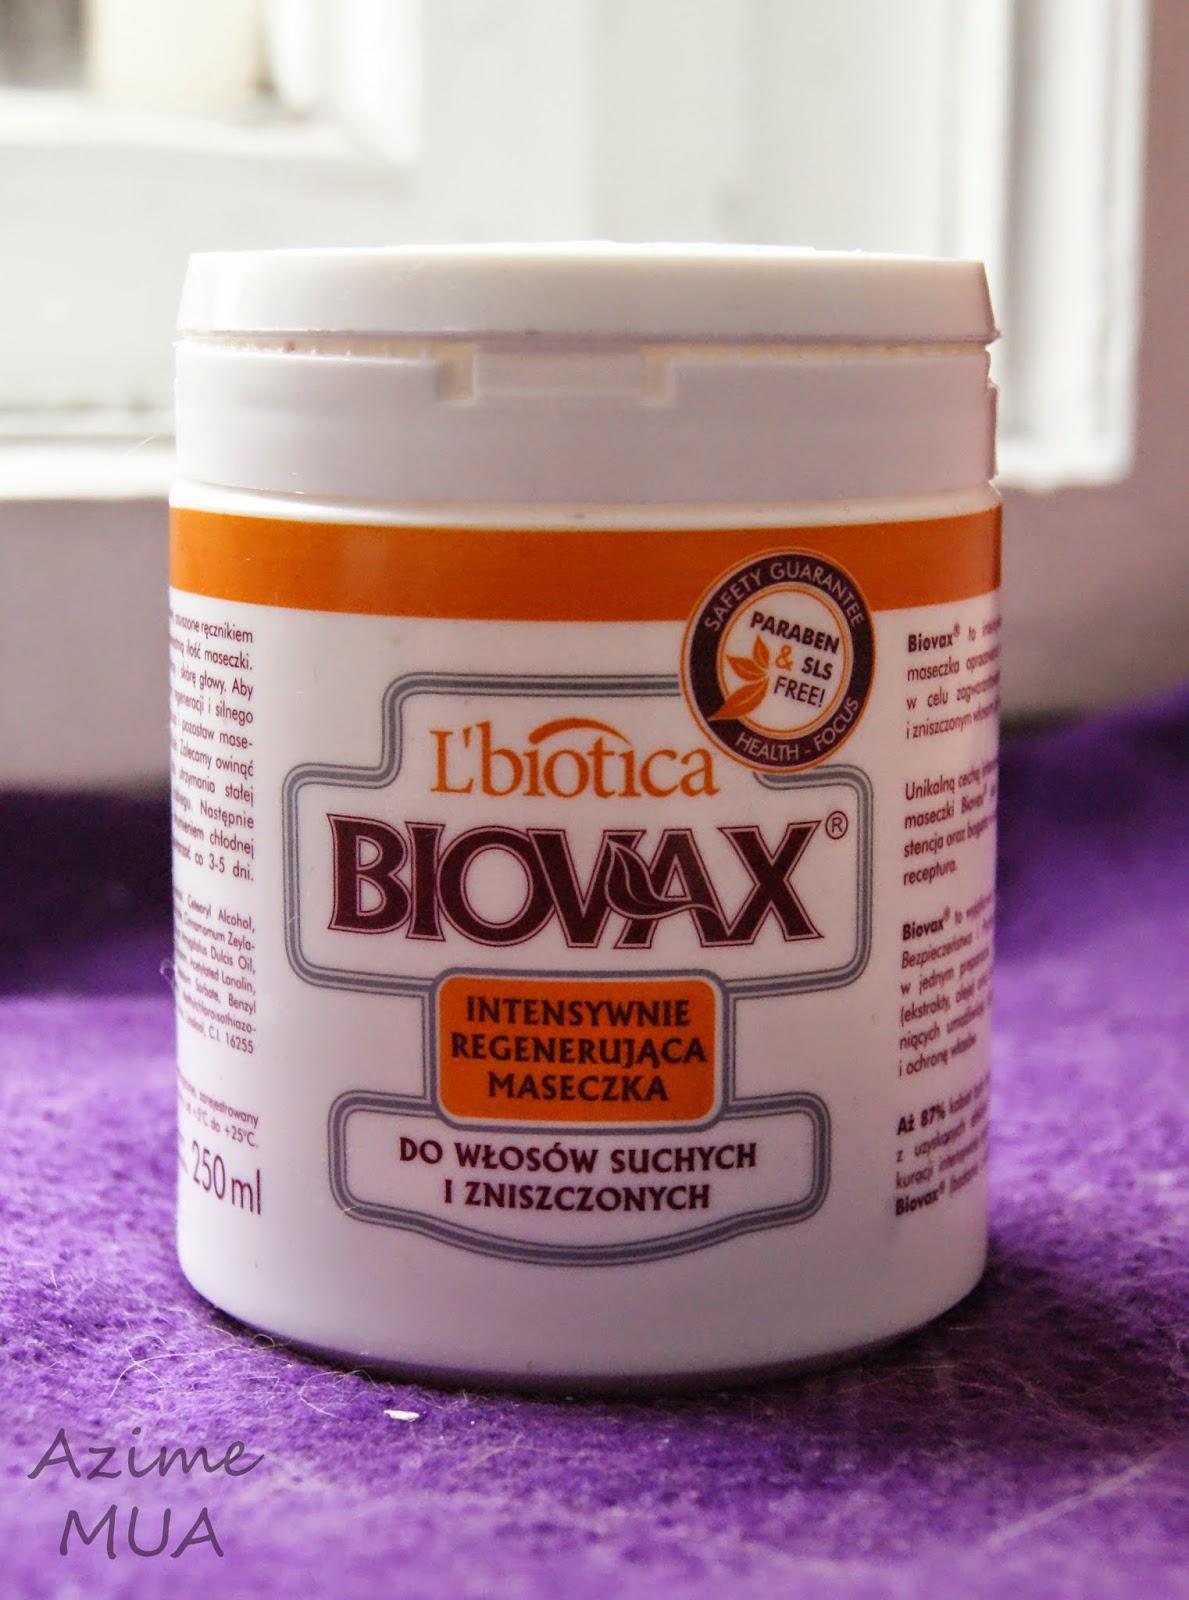 [117.] Intensywnie regenerująca maseczka Biovax do włosów suchych i zniszczonych- recenzja.